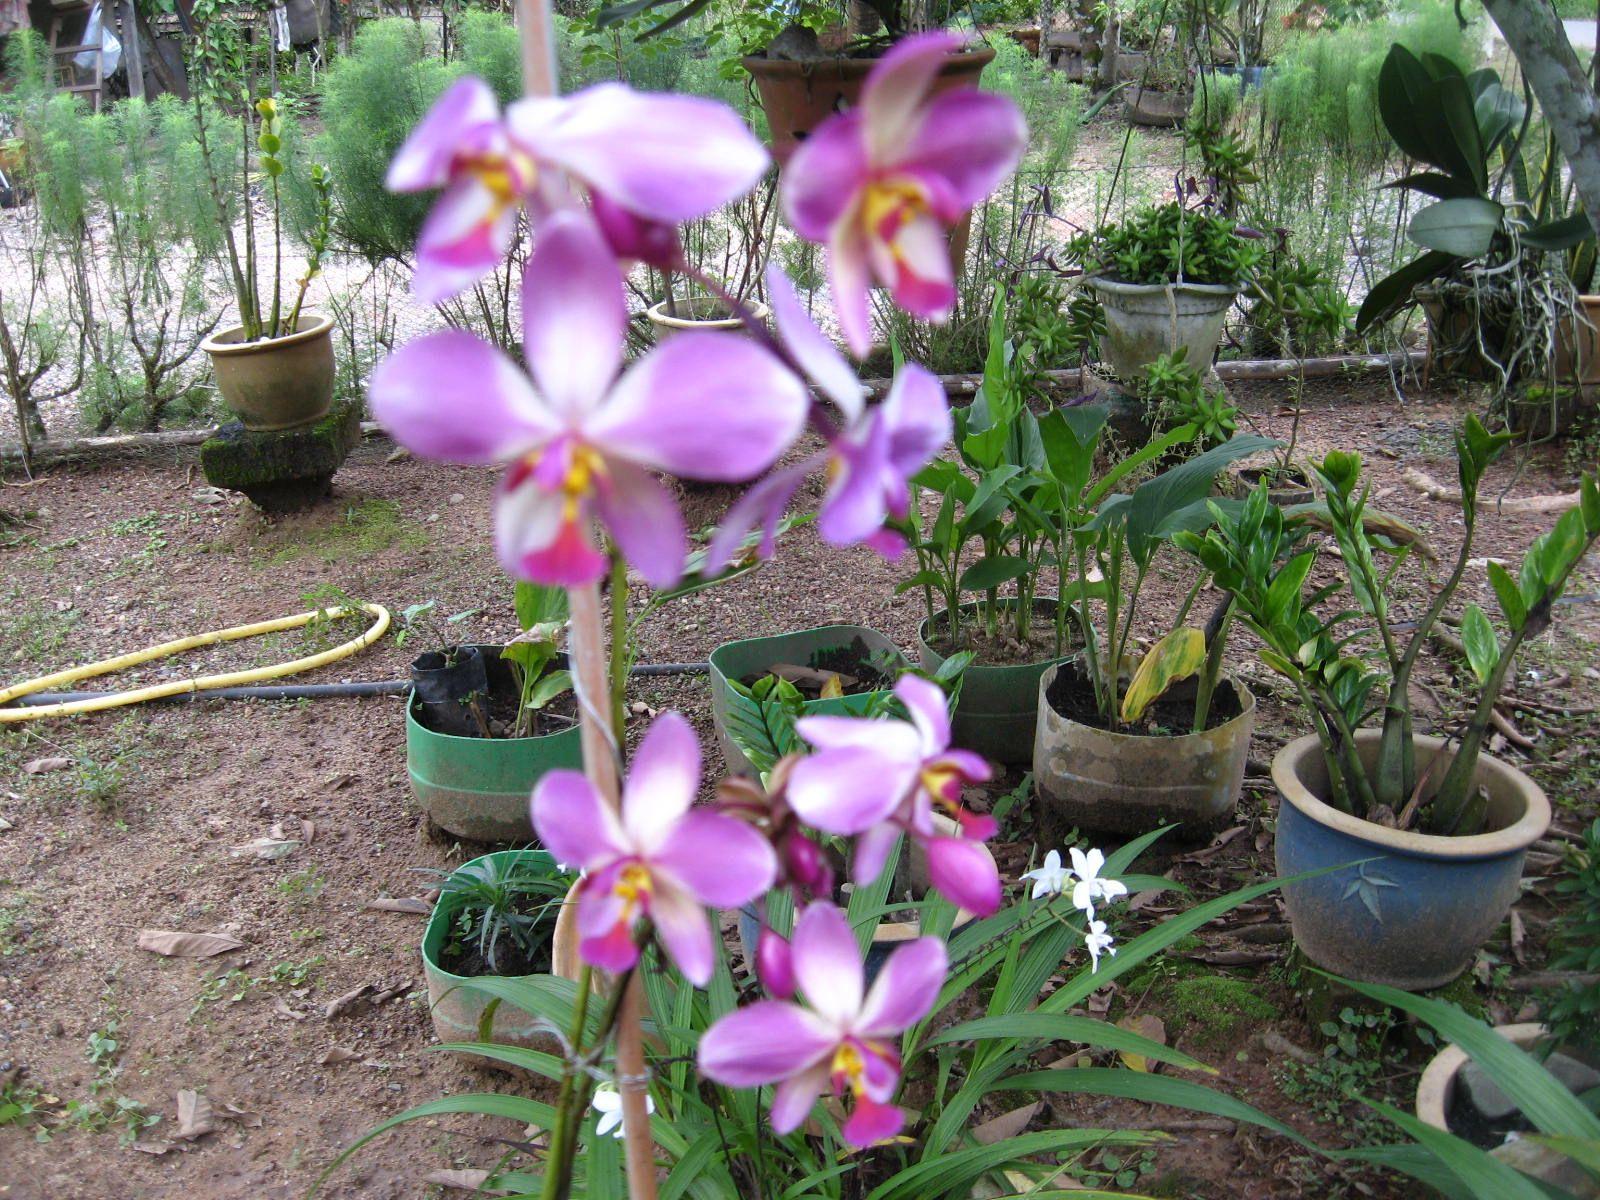 Gambar Bunga Orkid Butterfly Berbagai pertumbuhan